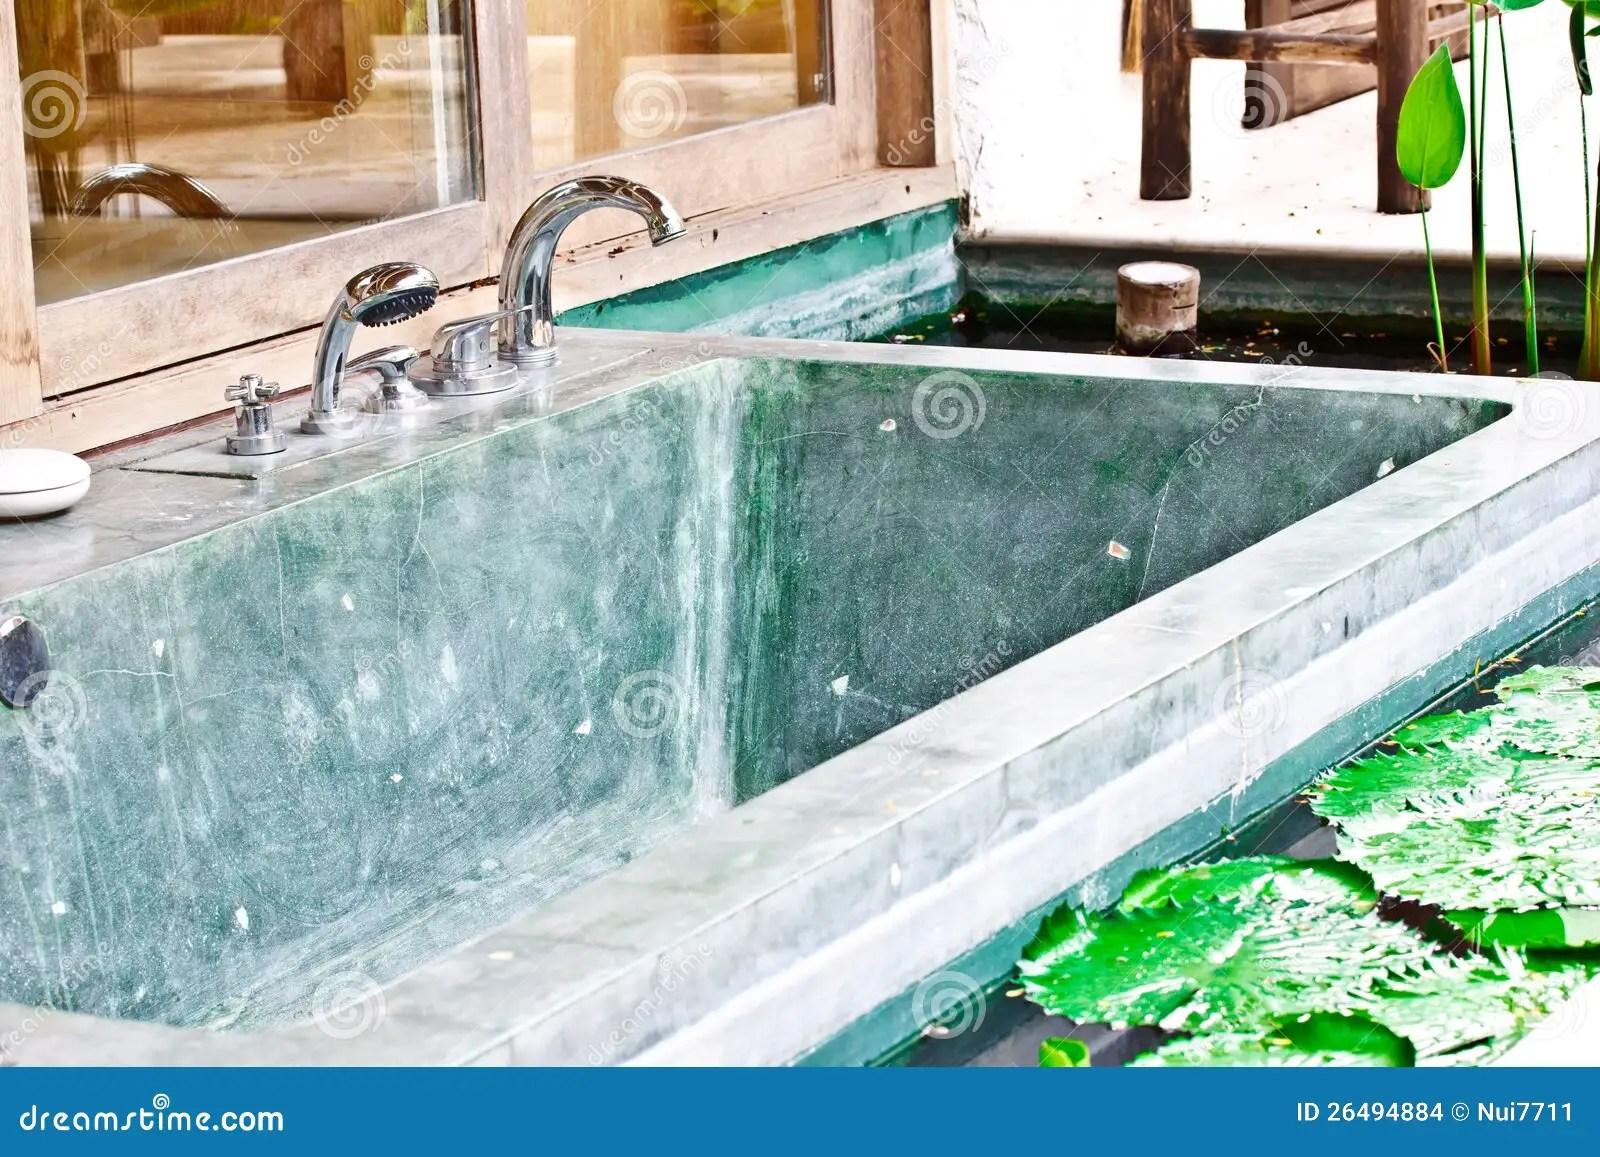 Vasche Da Bagno Jacuzzi Prezzi : Vasca idromassaggio jacuzzi prezzi vasche da esterno prezzi foto